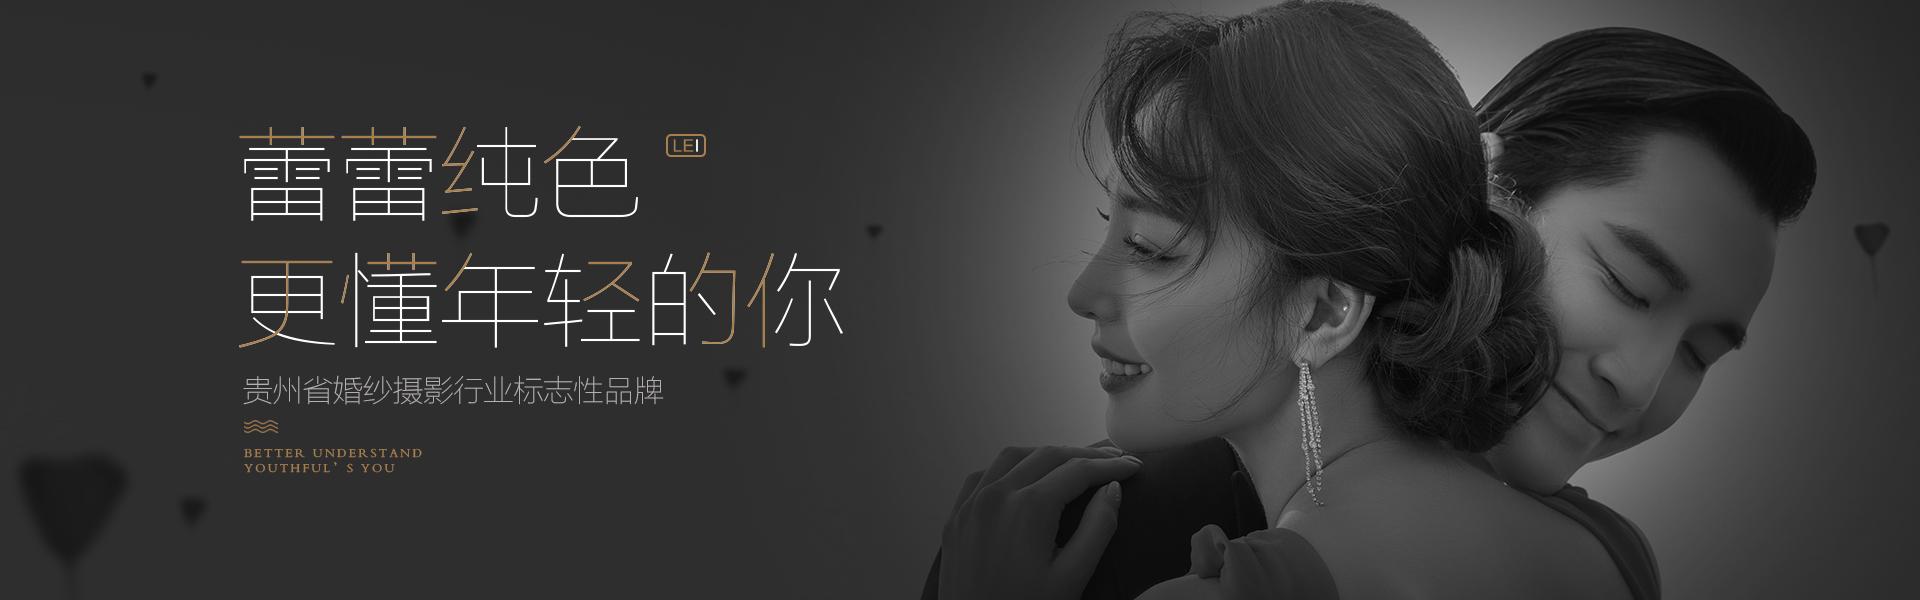 蕾蕾万博体育app手机登录-品牌介绍